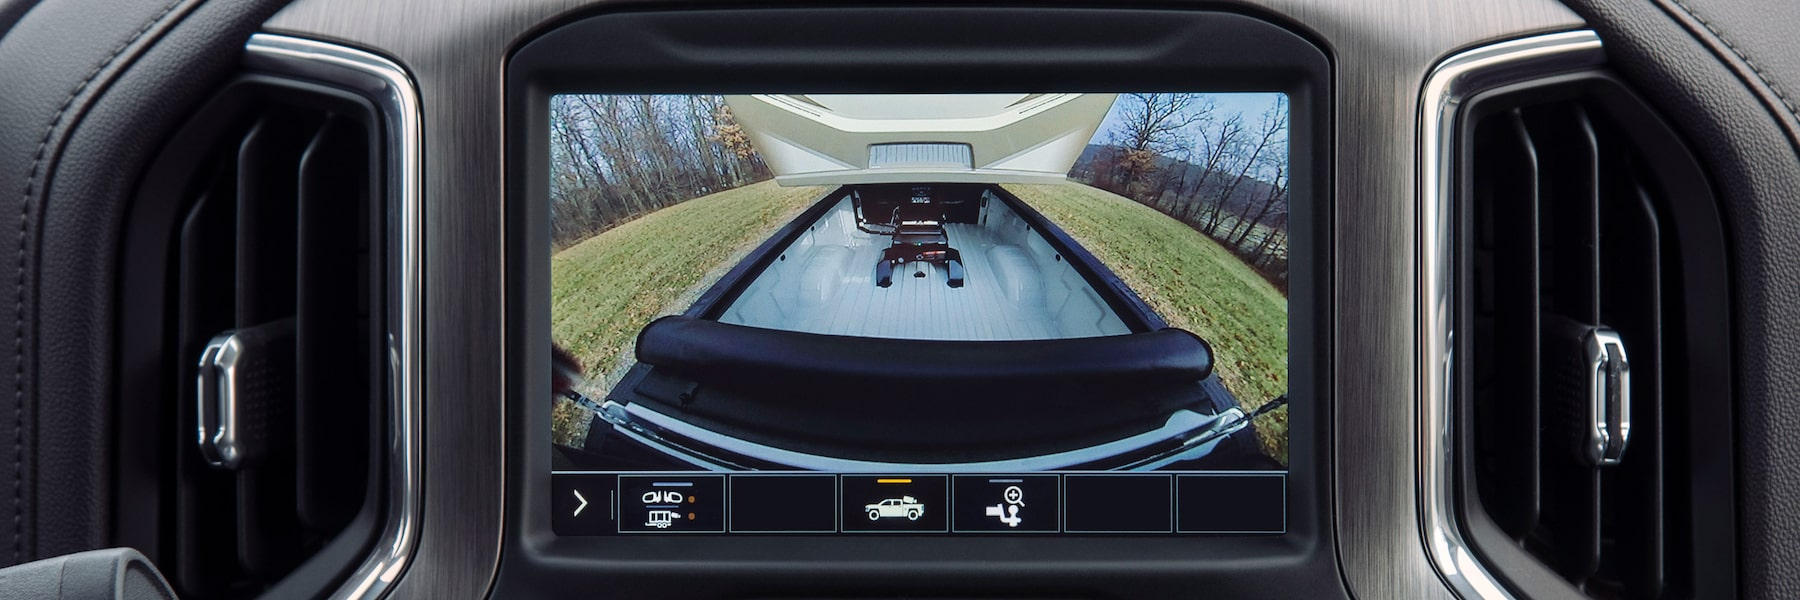 2020-GMC-Trucks-Bed-Camera-System